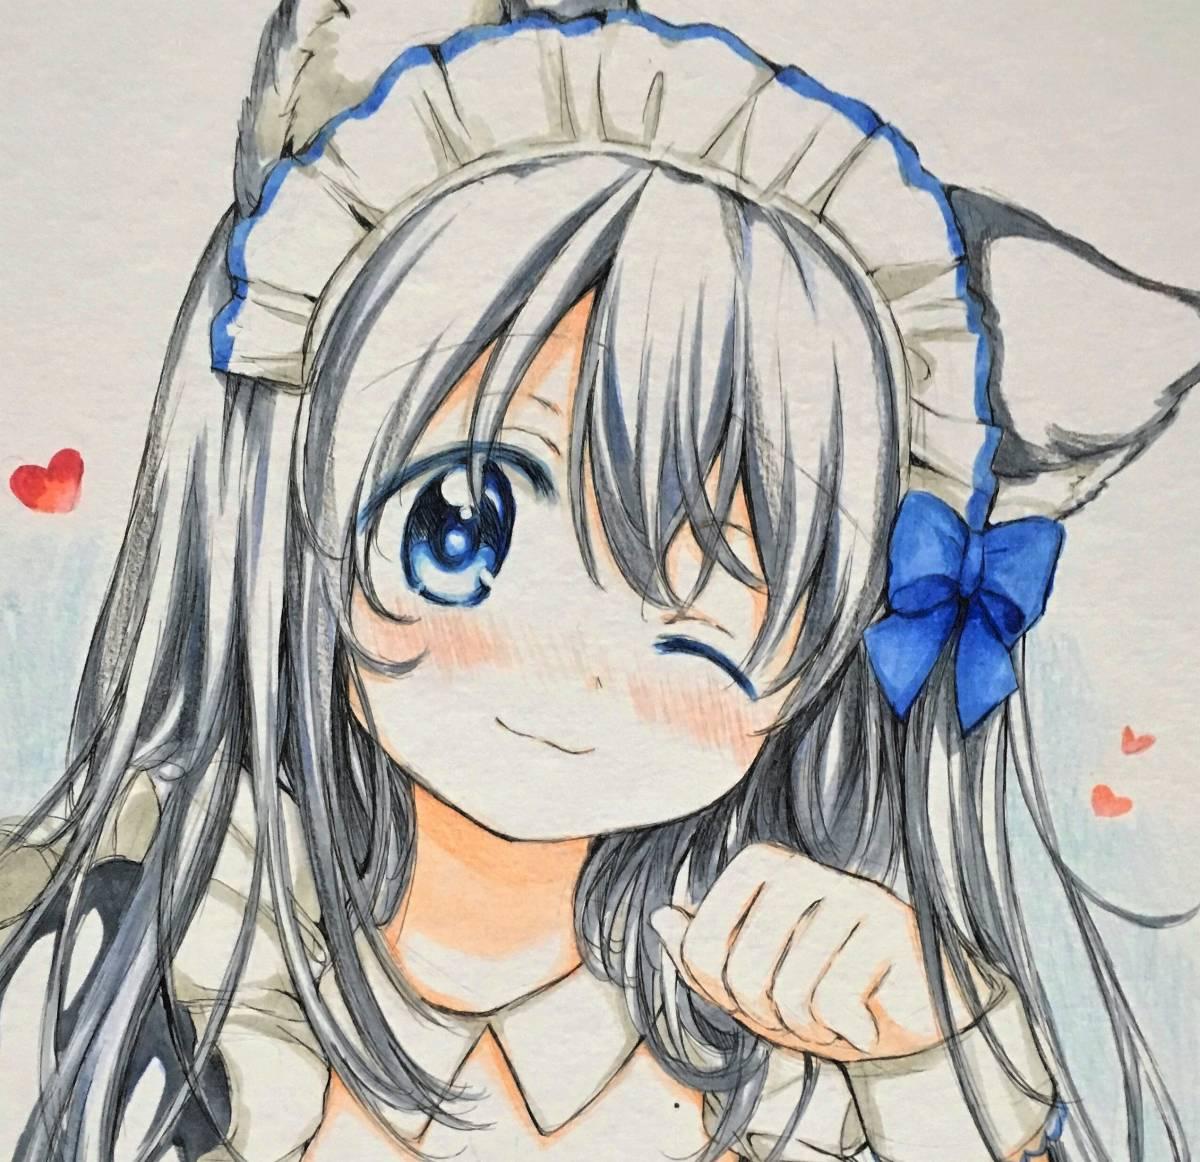 新品同人手描きイラスト色紙 オリジナルネコミミの女の子ちゃん の